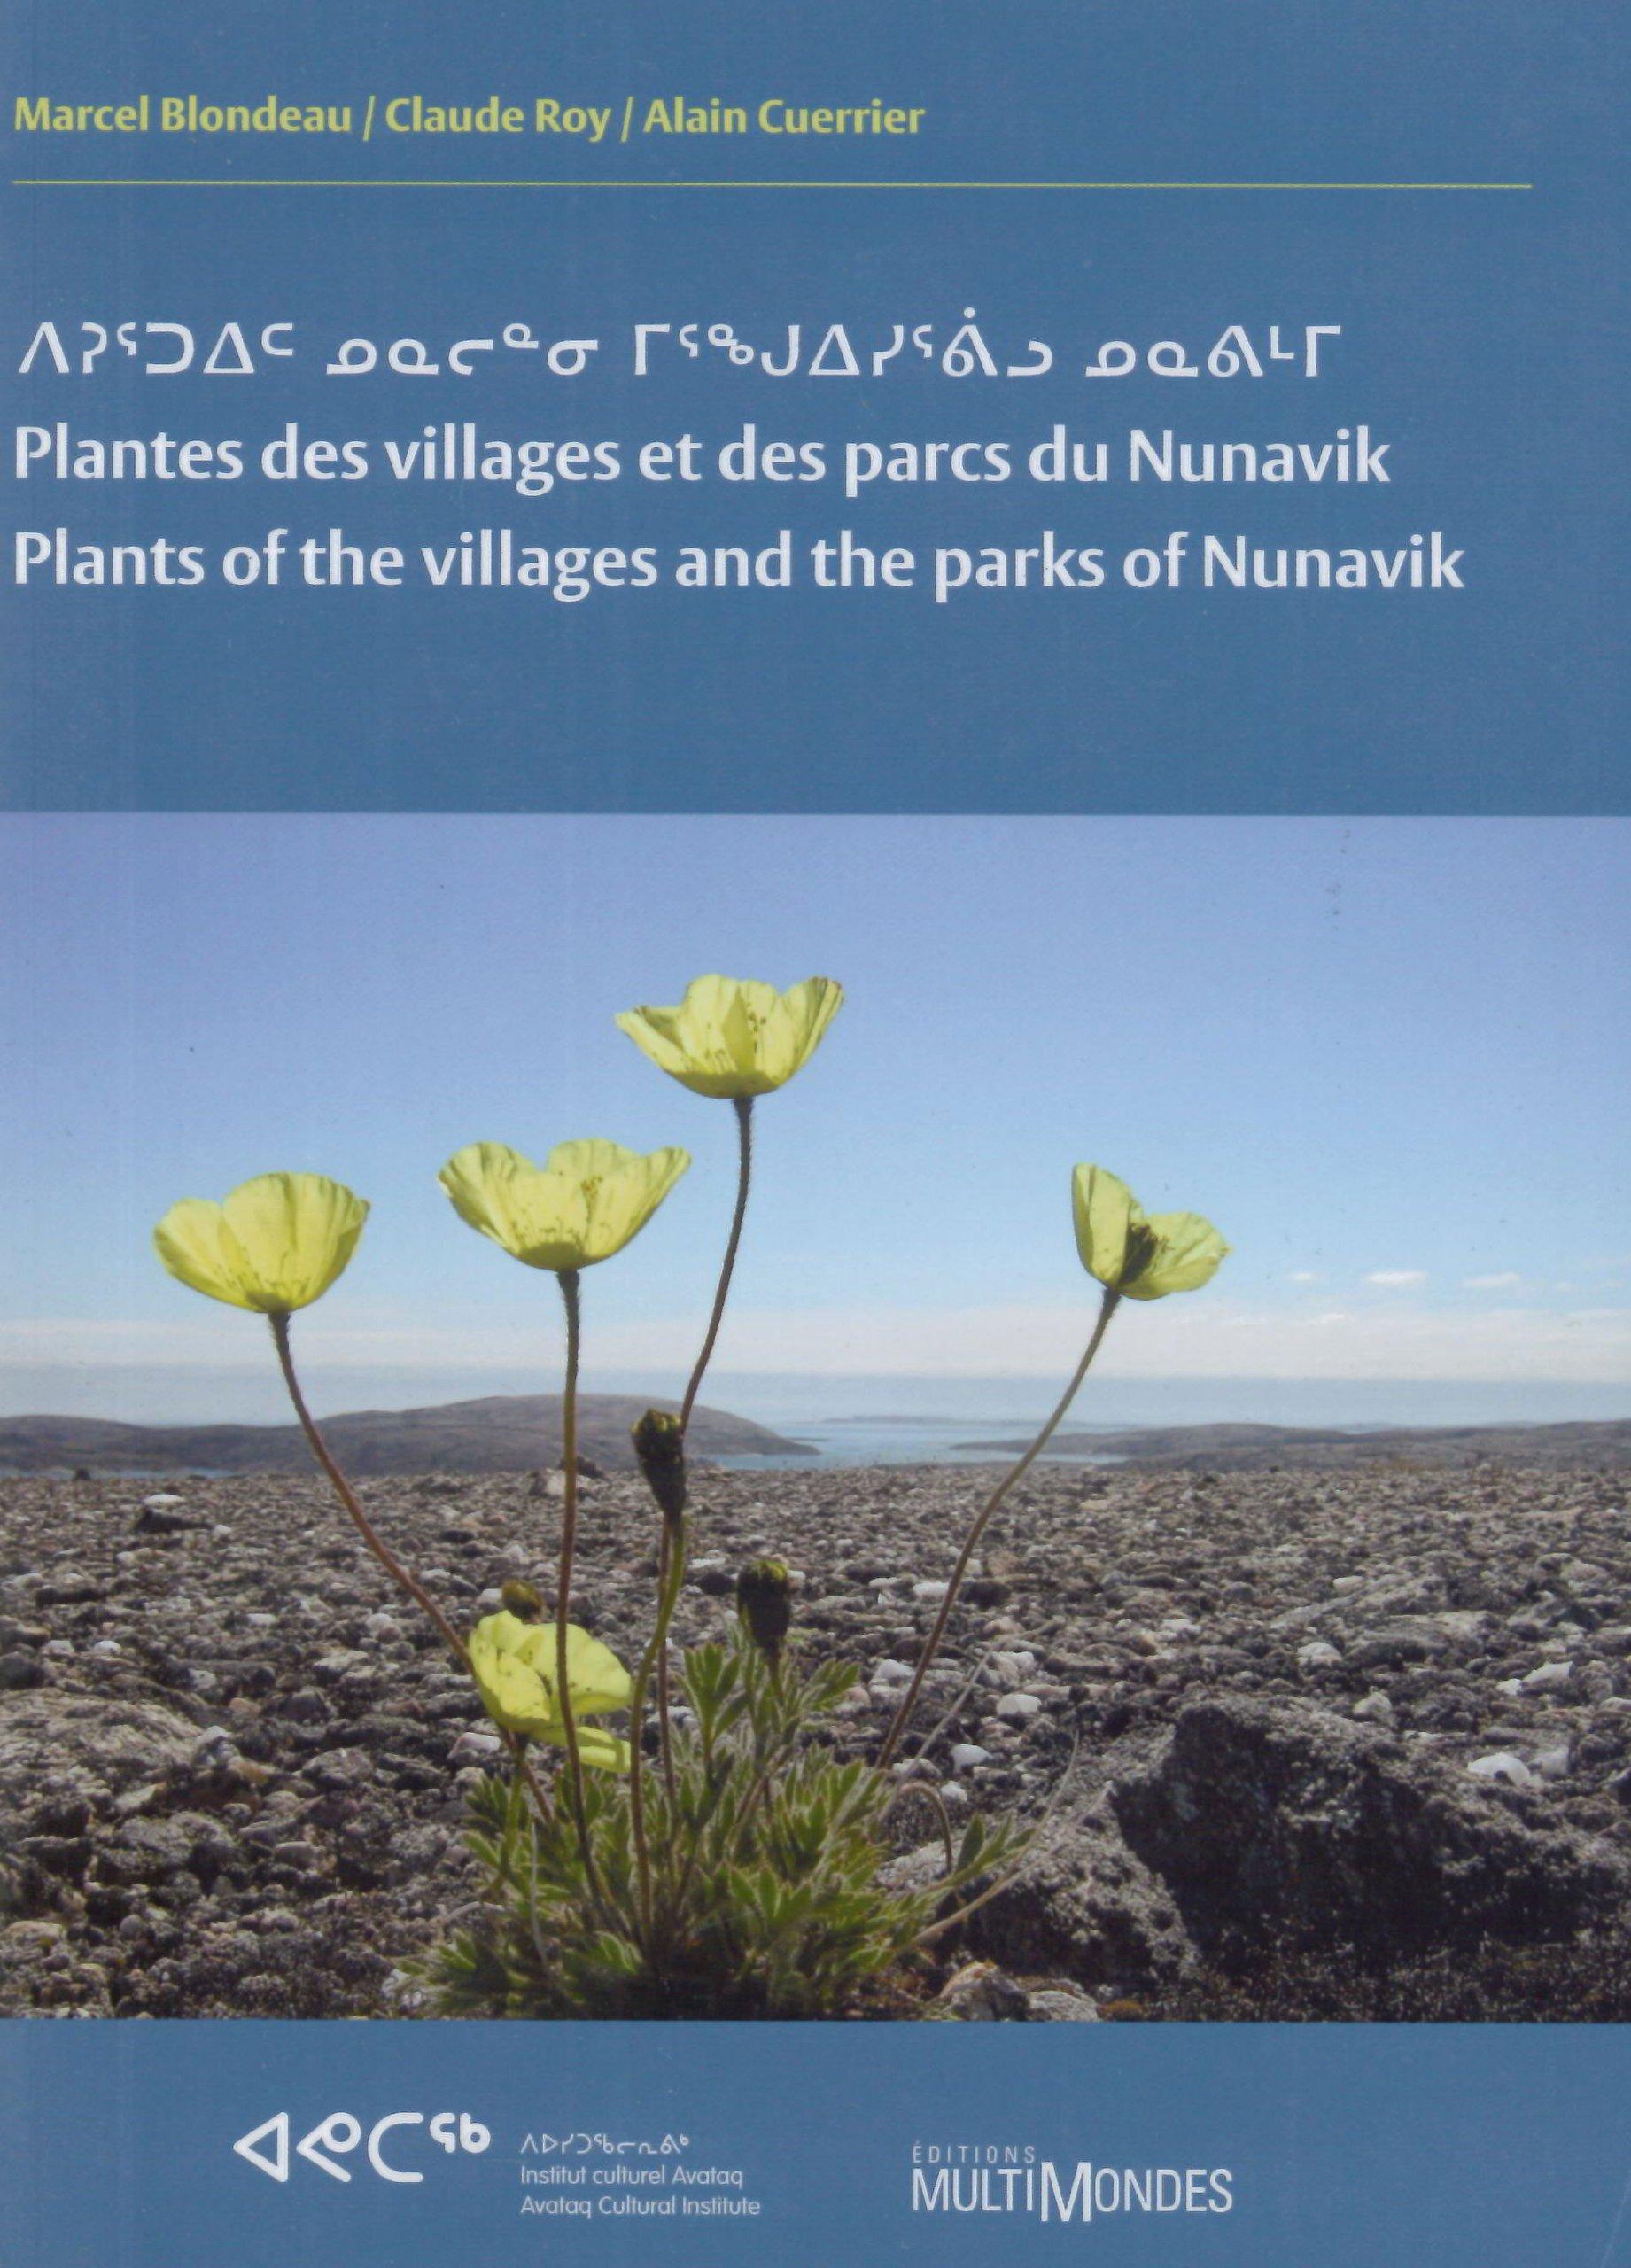 Plantes des villages et des parcs du Nunavik